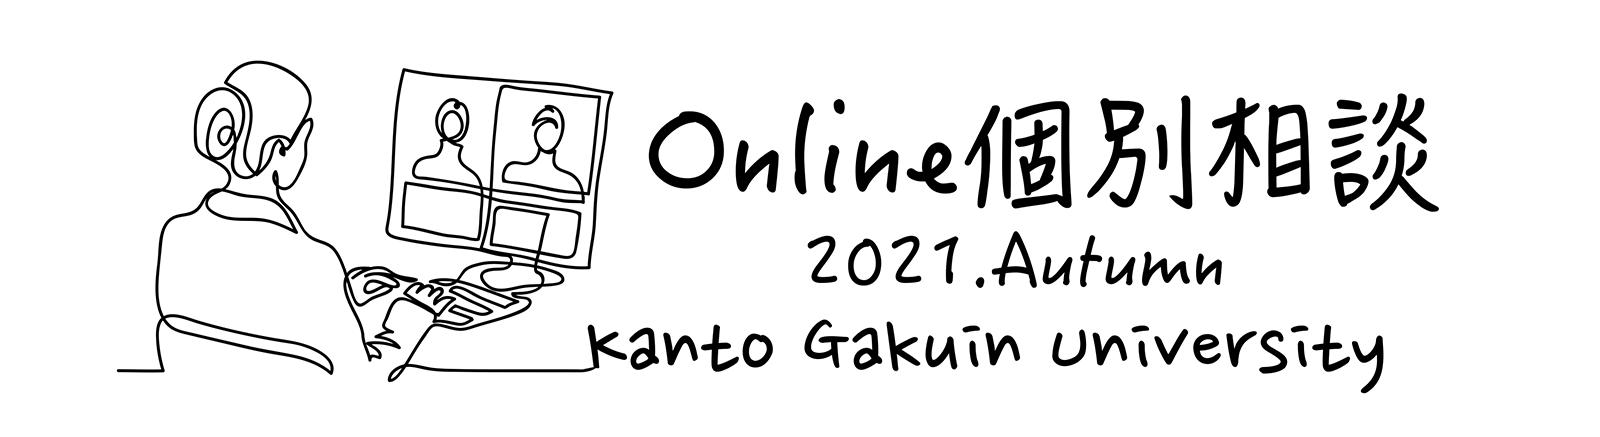 進学のこと、受験のことをオンラインにて相談いただける「オンライン個別相談」